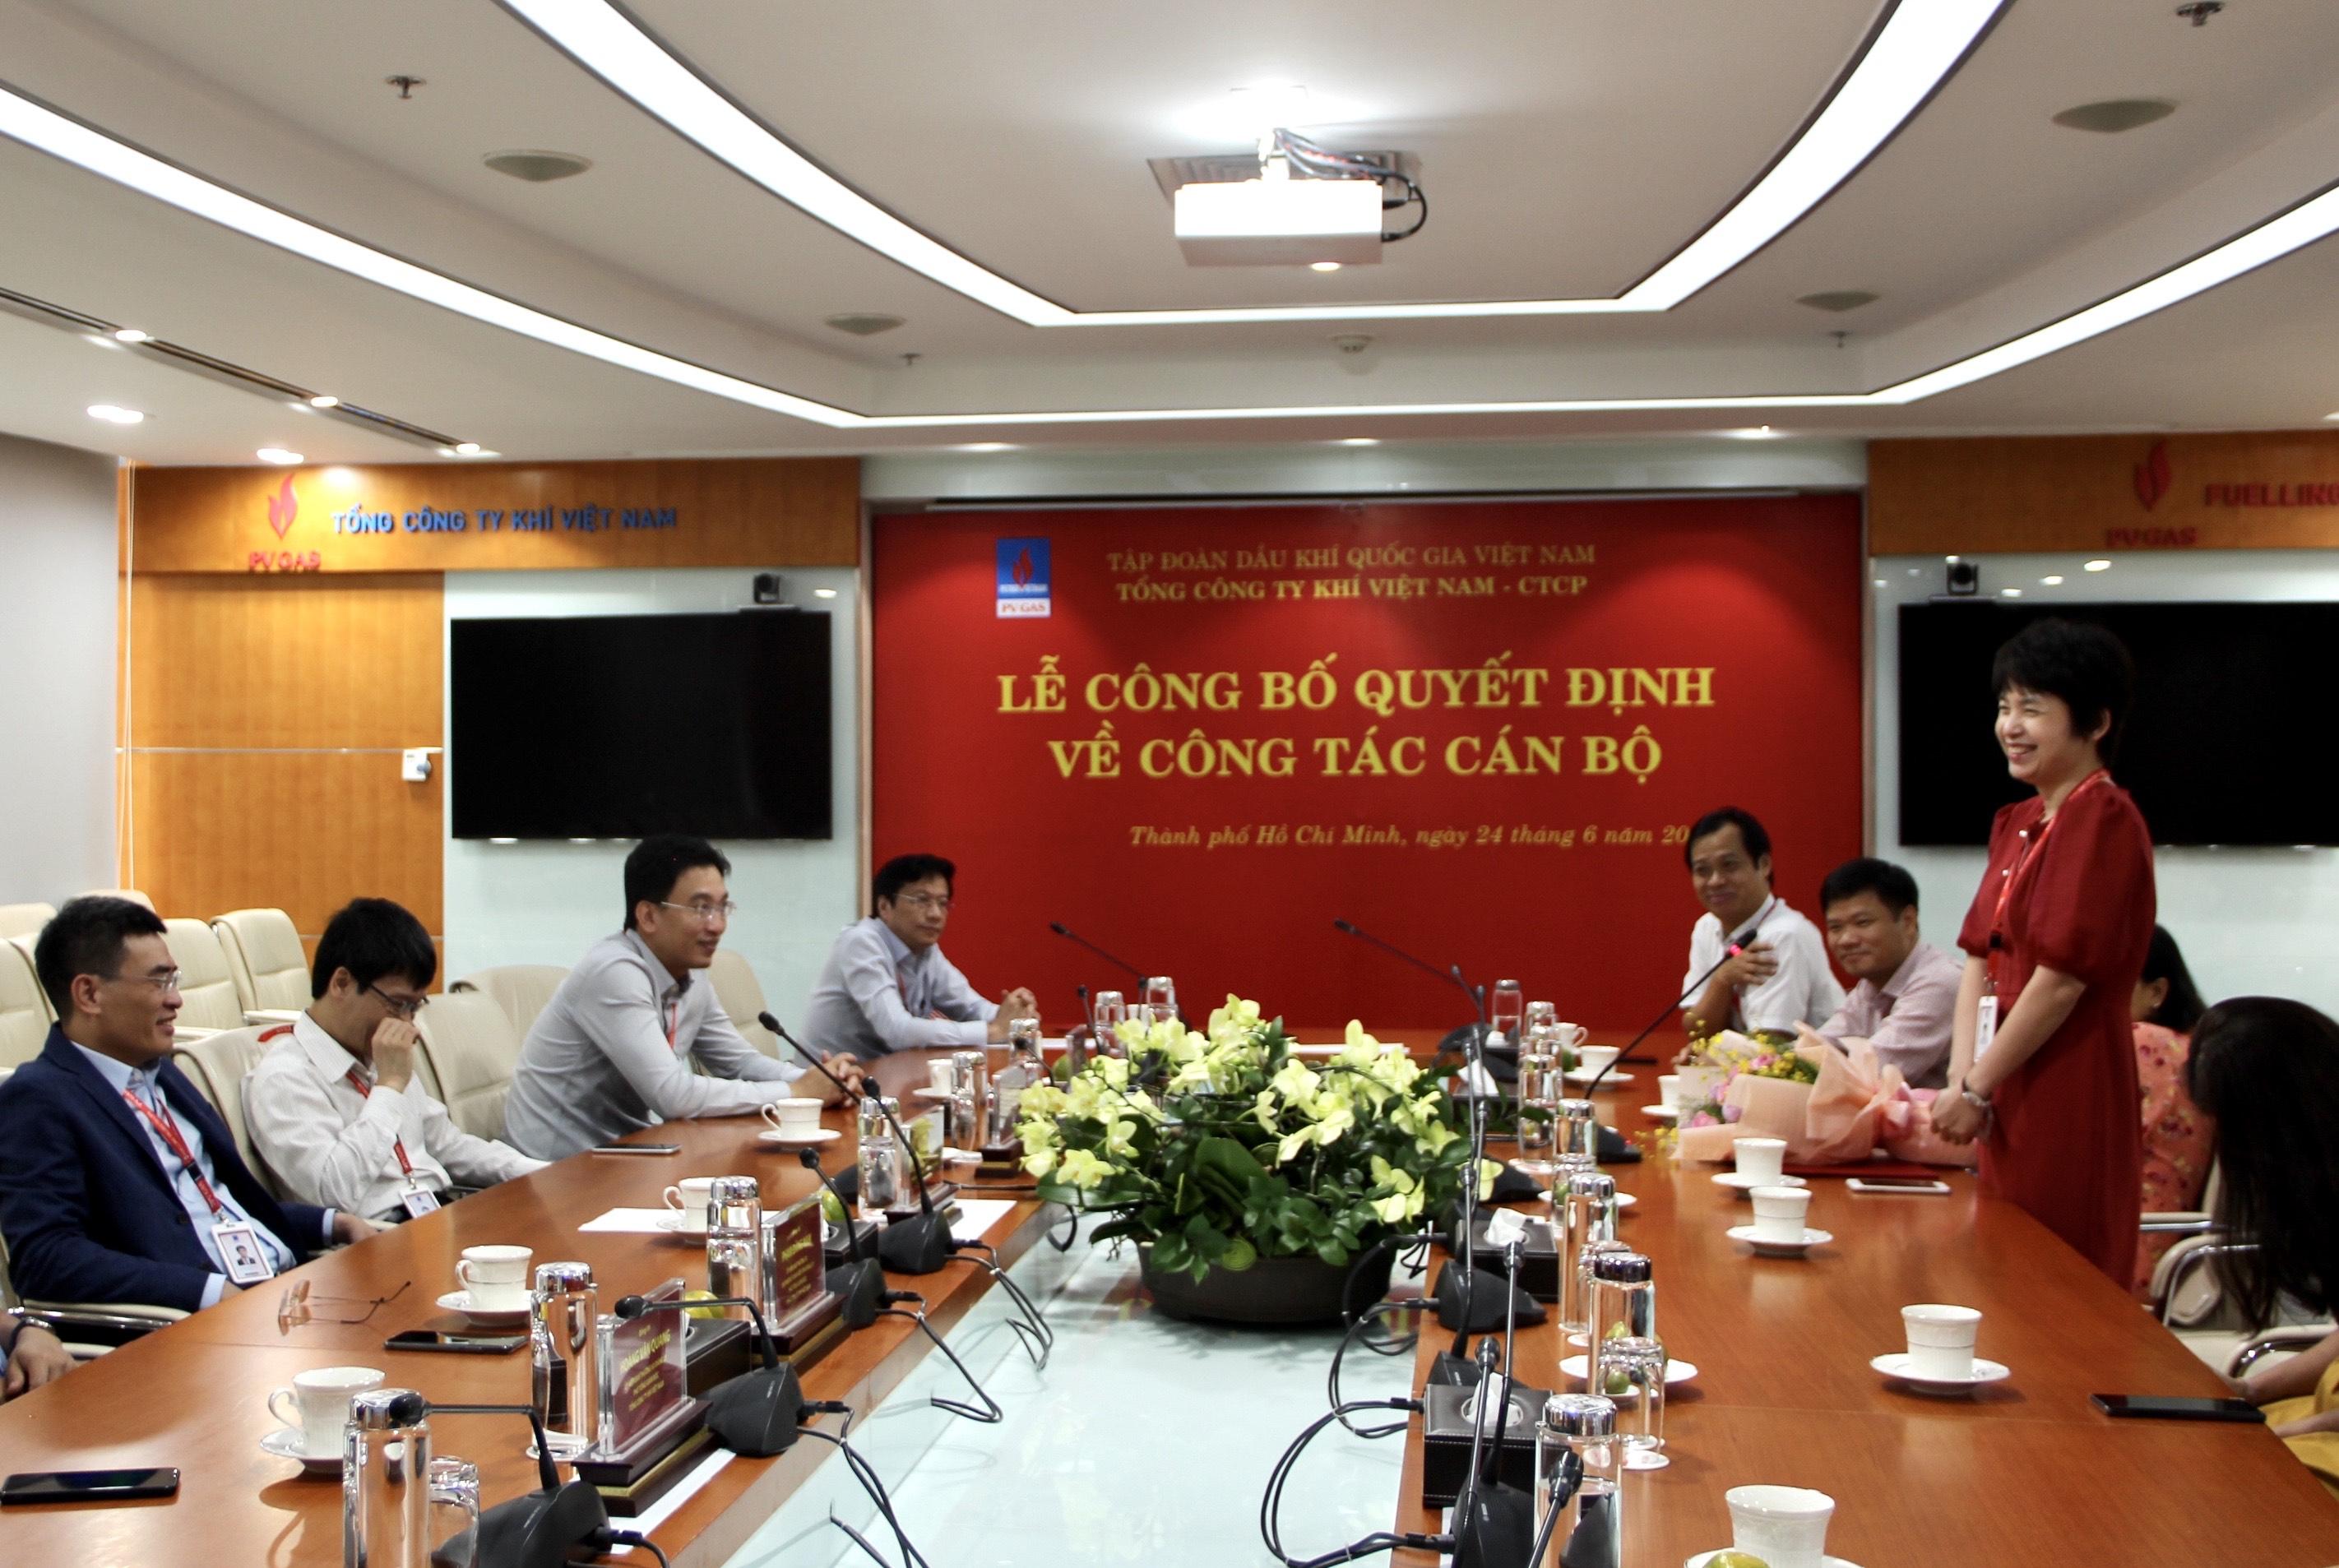 Bà Trần Thị Kim Liên phát biểu thể hiện quyết tâm hoàn thành nhiệm vụ